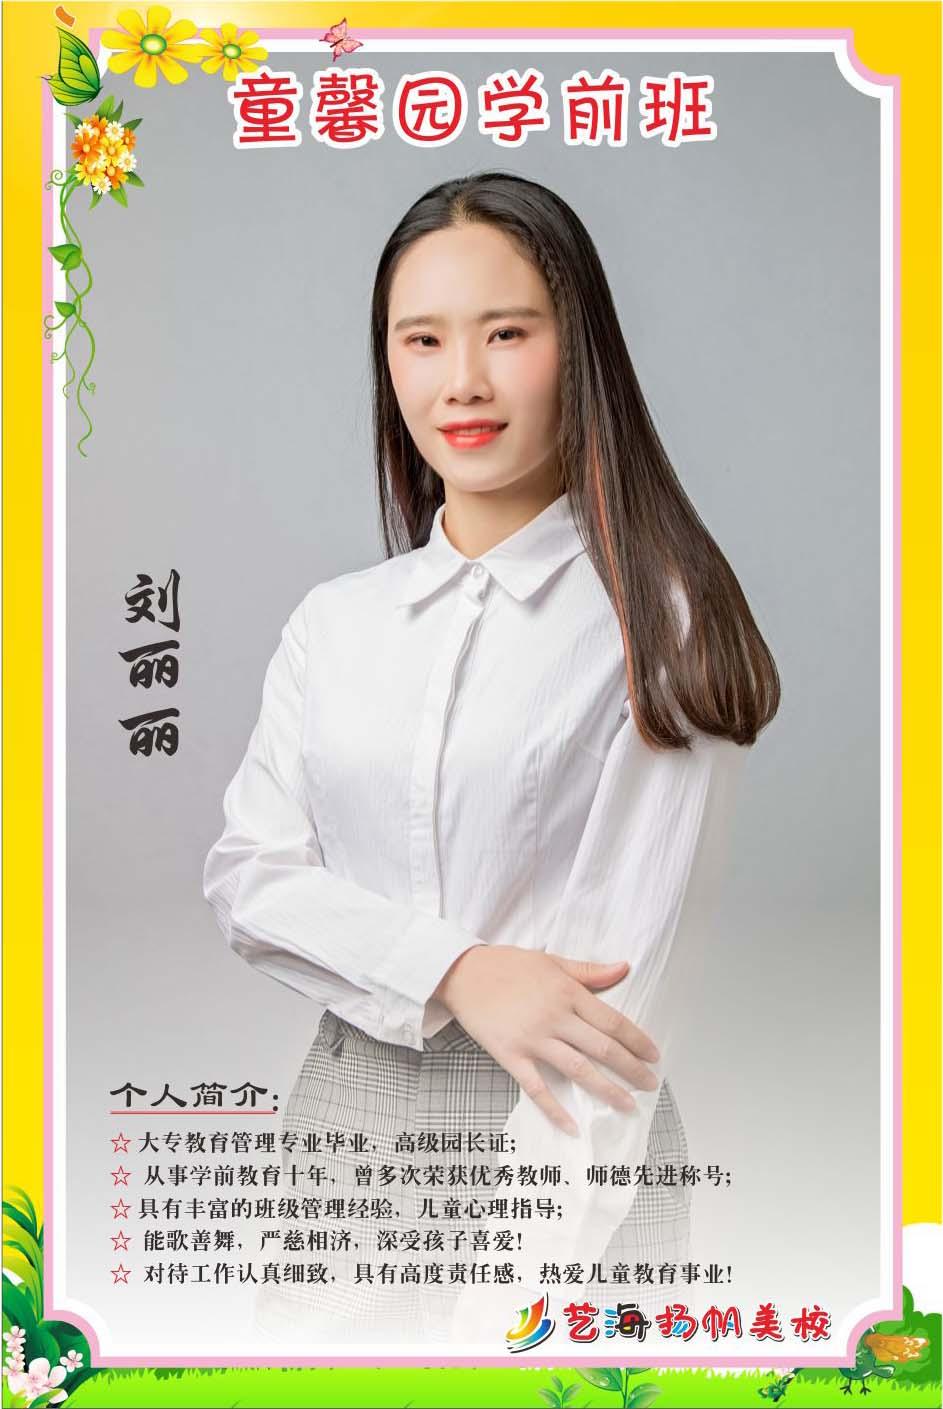 襄阳学前班培训刘丽丽老师